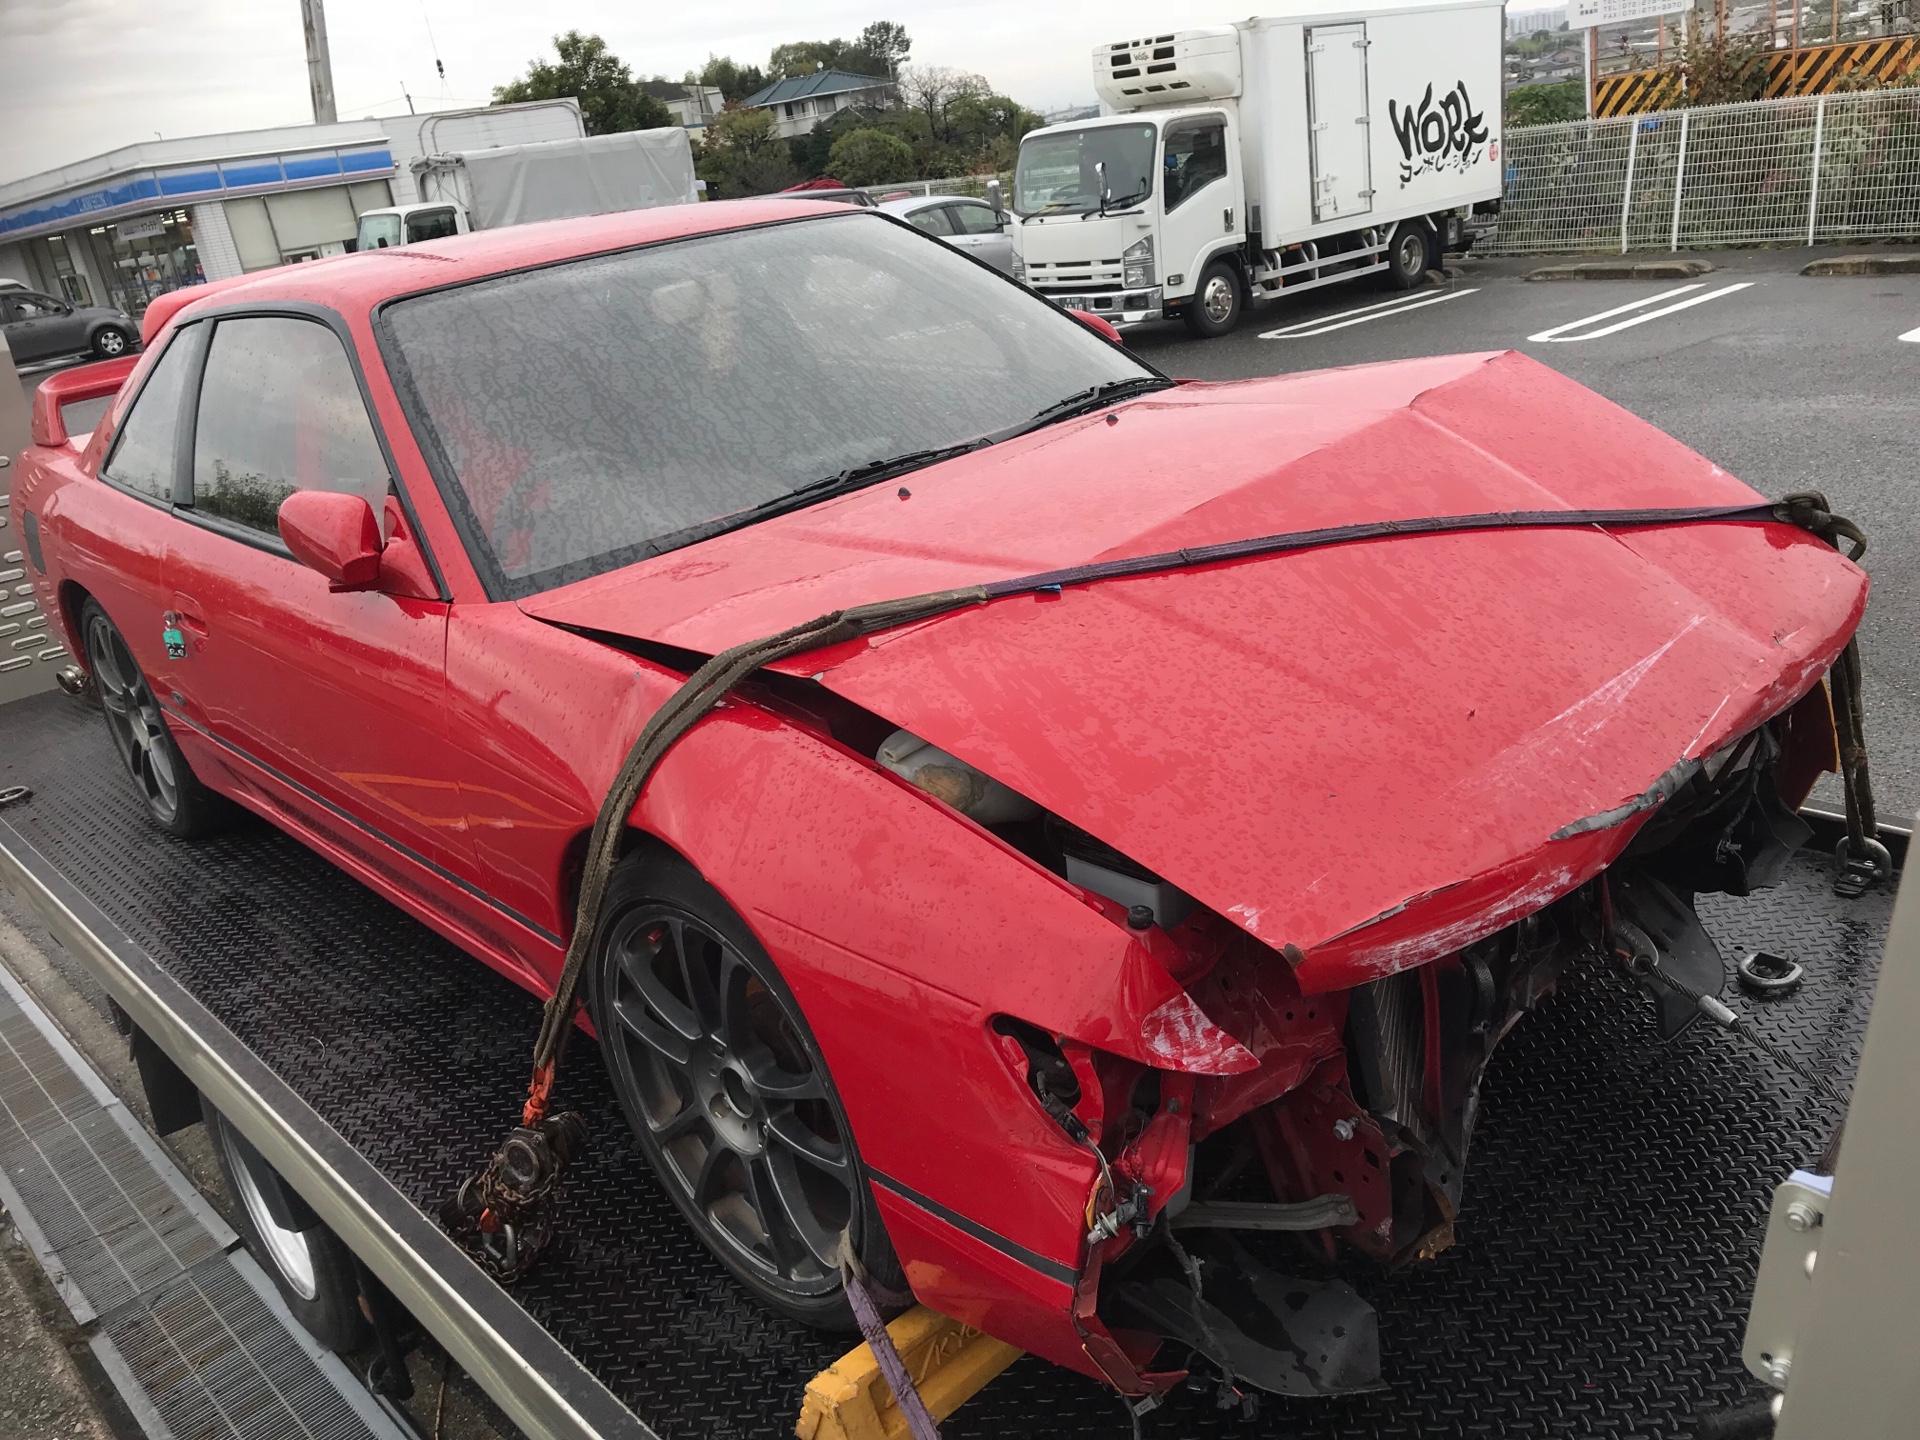 事故車 買取情報 大阪にて事故現状車のS13シルビアを買取